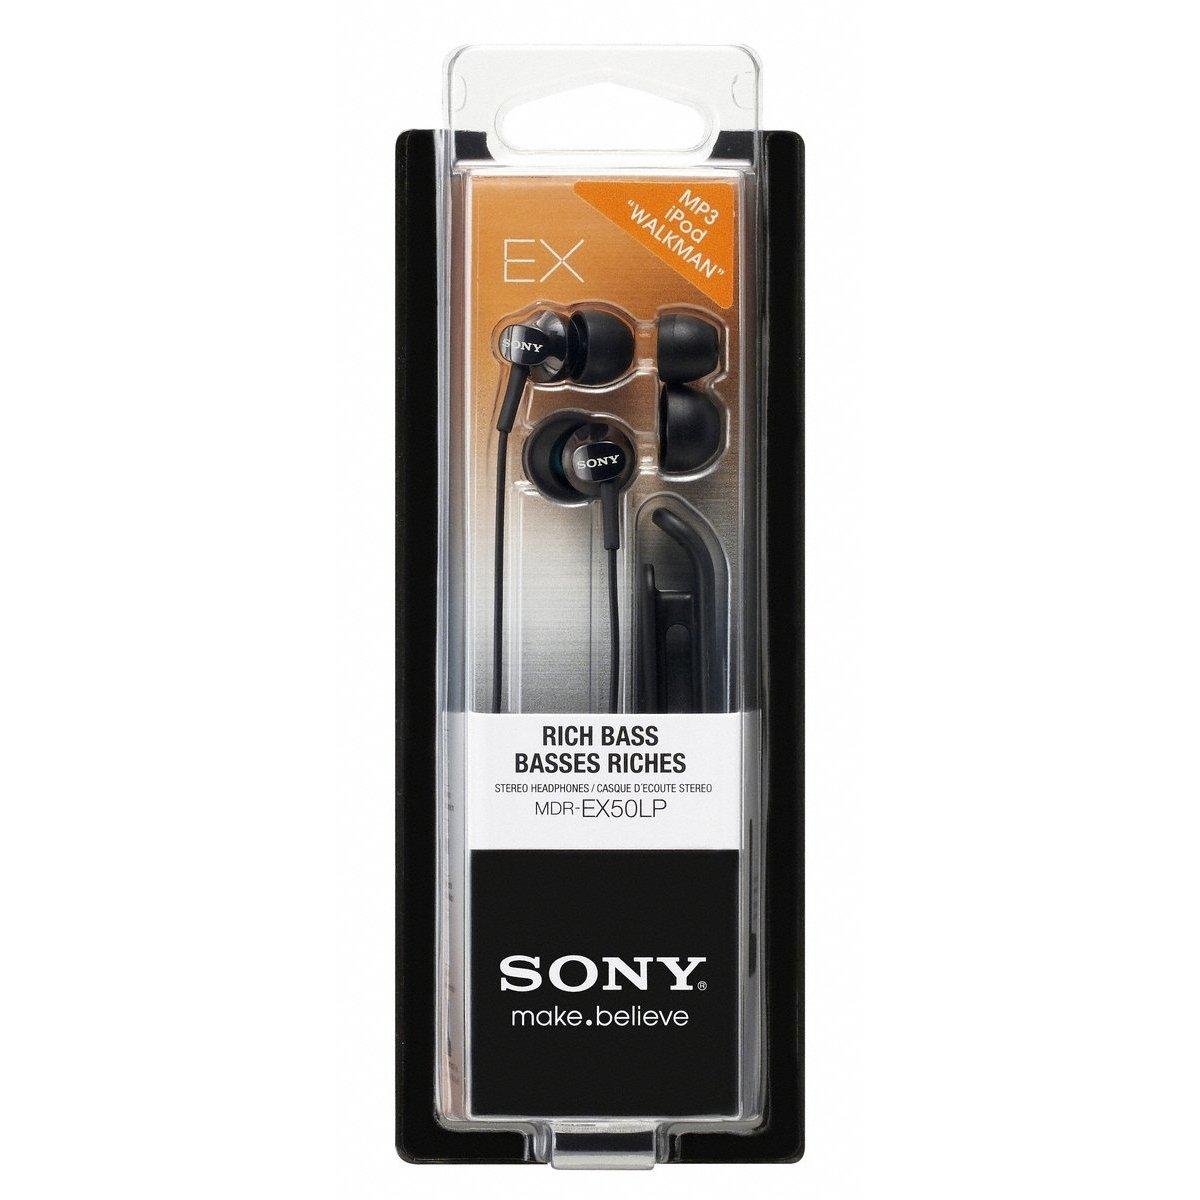 Наушники Sony MDR-EX50LP черные – купить в интернет-магазине KTC ... afa4edb27041c